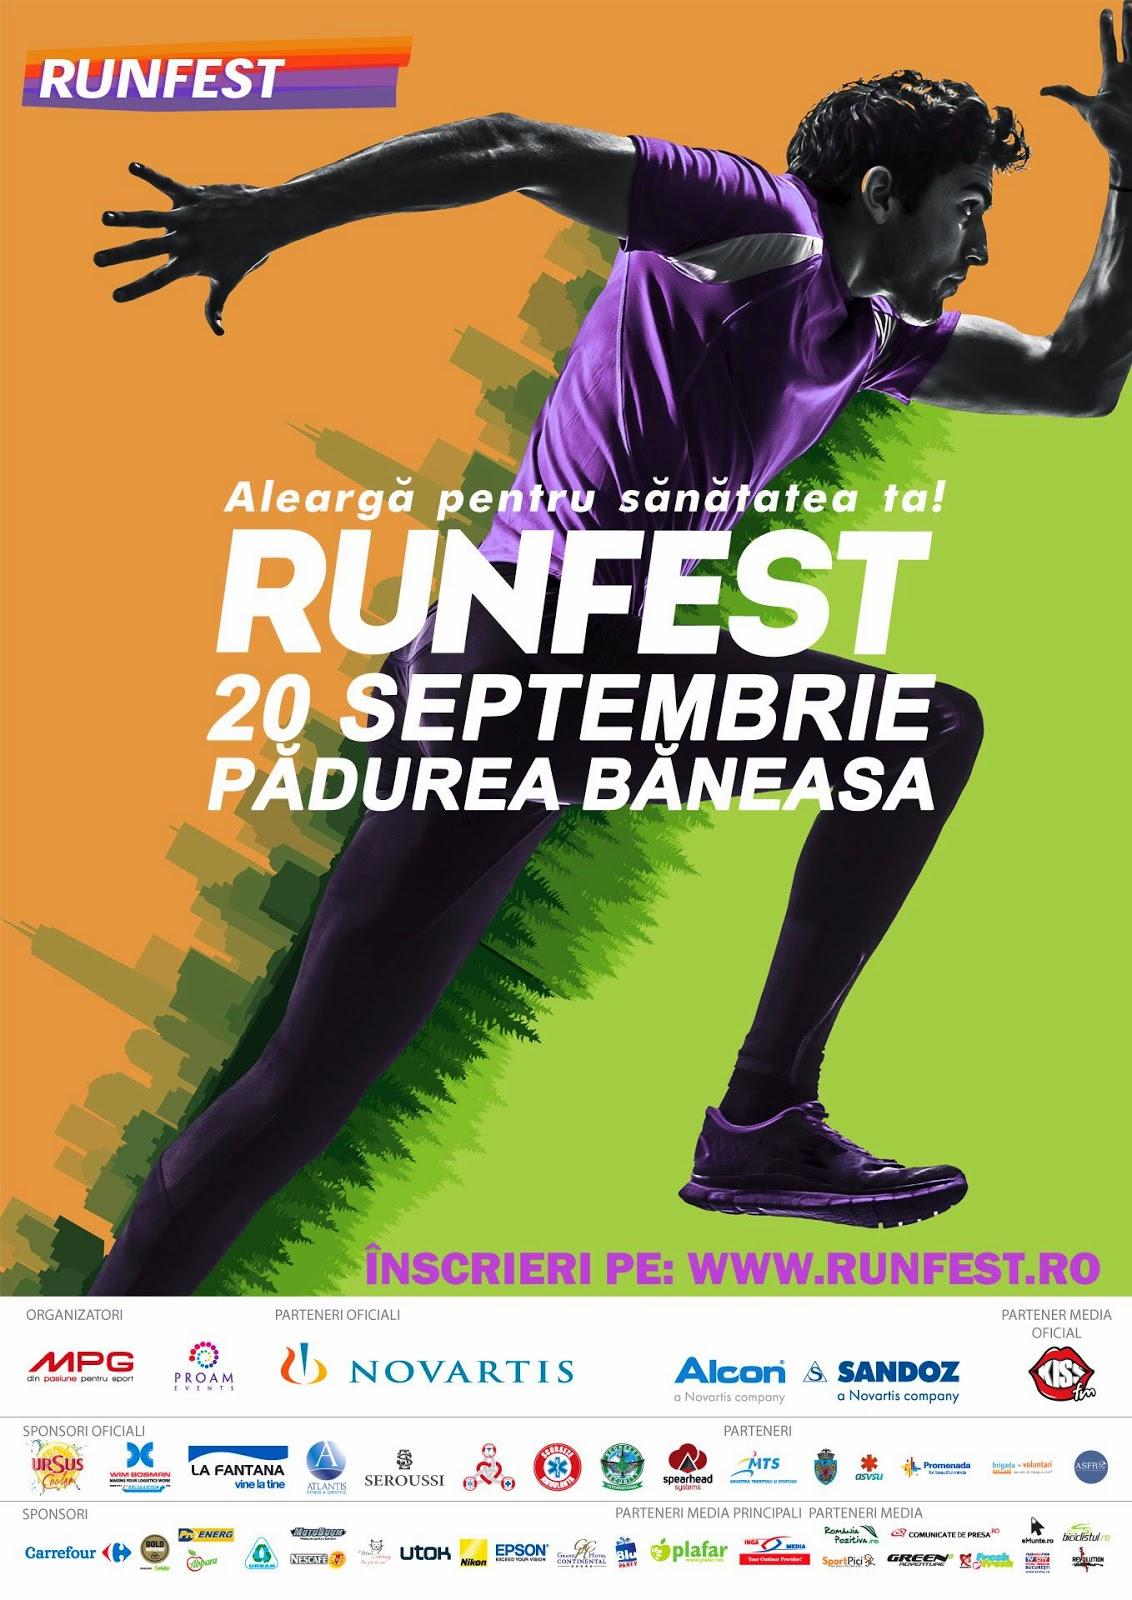 Invitaţie la RUNFEST, eveniment de alergare în natură. 20 Septembrie 2014, Pădurea Băneasa, Bucureşti